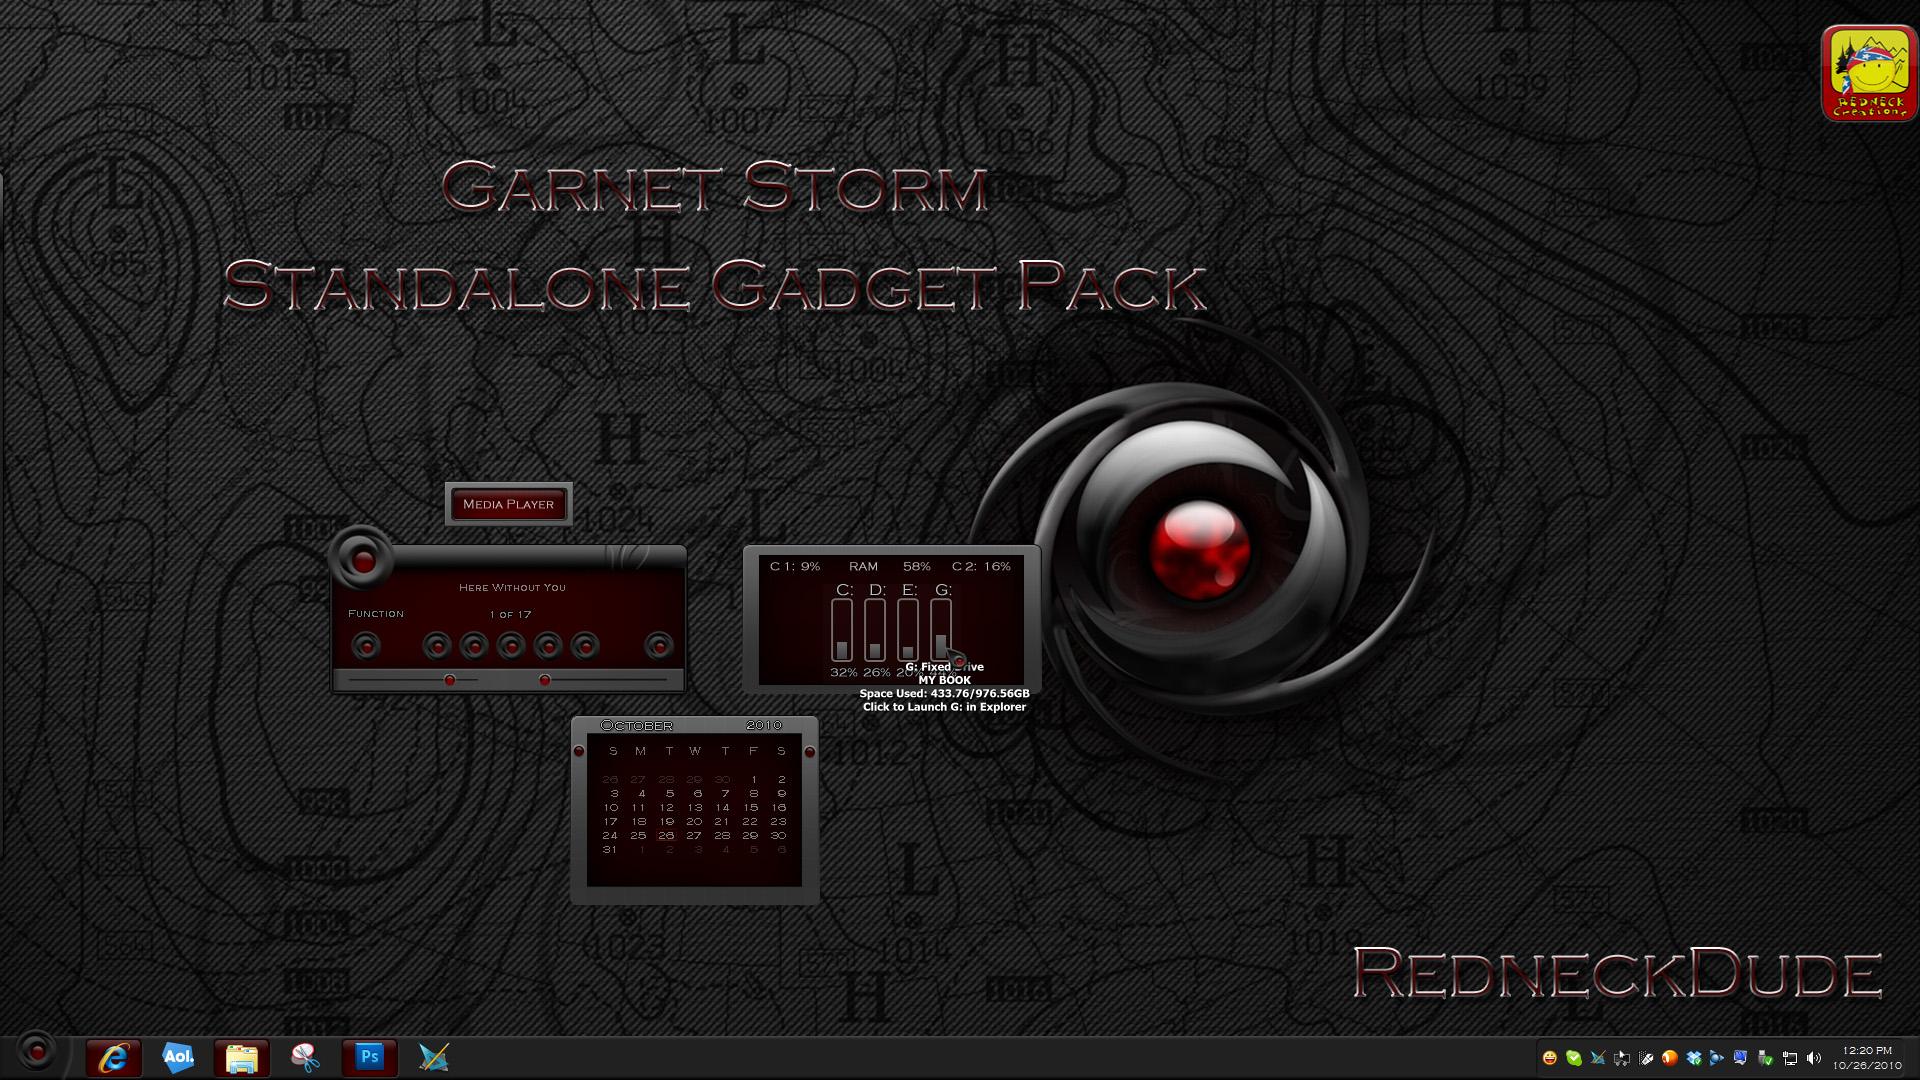 Garnet Storm Gadget Pack